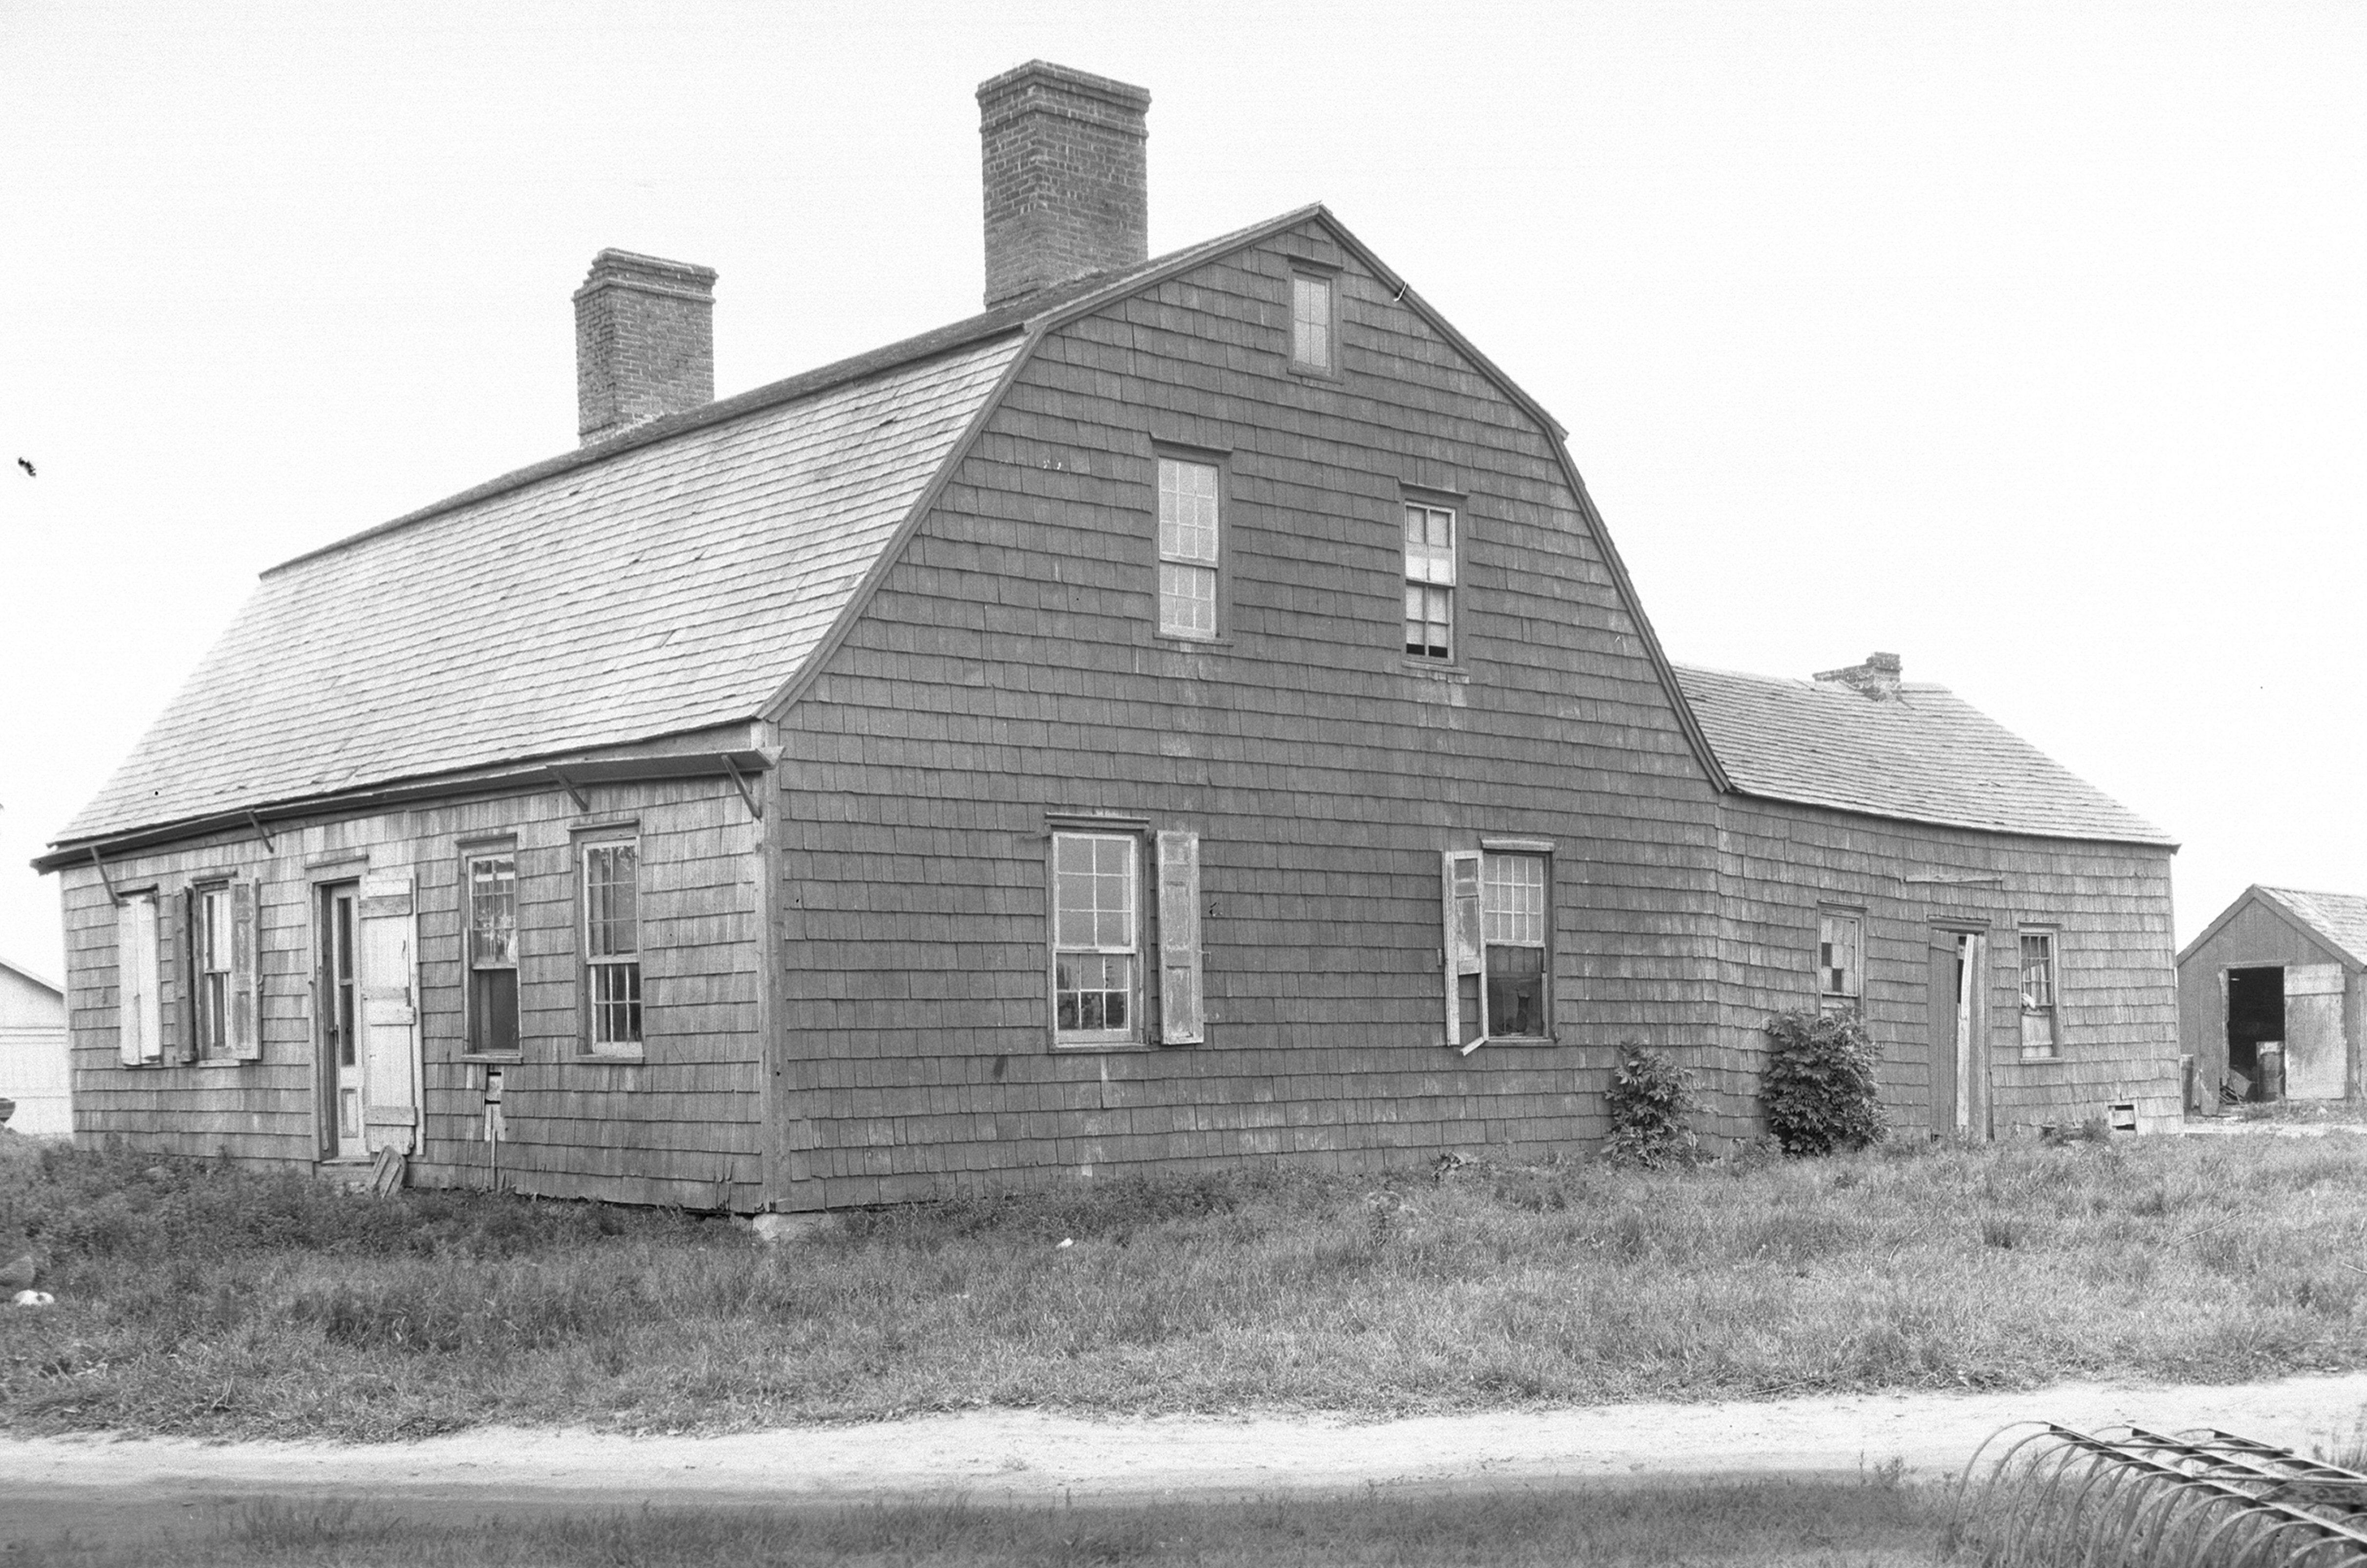 photo historique en noir et blanc de grande maison, vue latérale, deuxième et troisième étages dans le toit en croupe, deux grandes cheminées, outre l'arrière et une grange